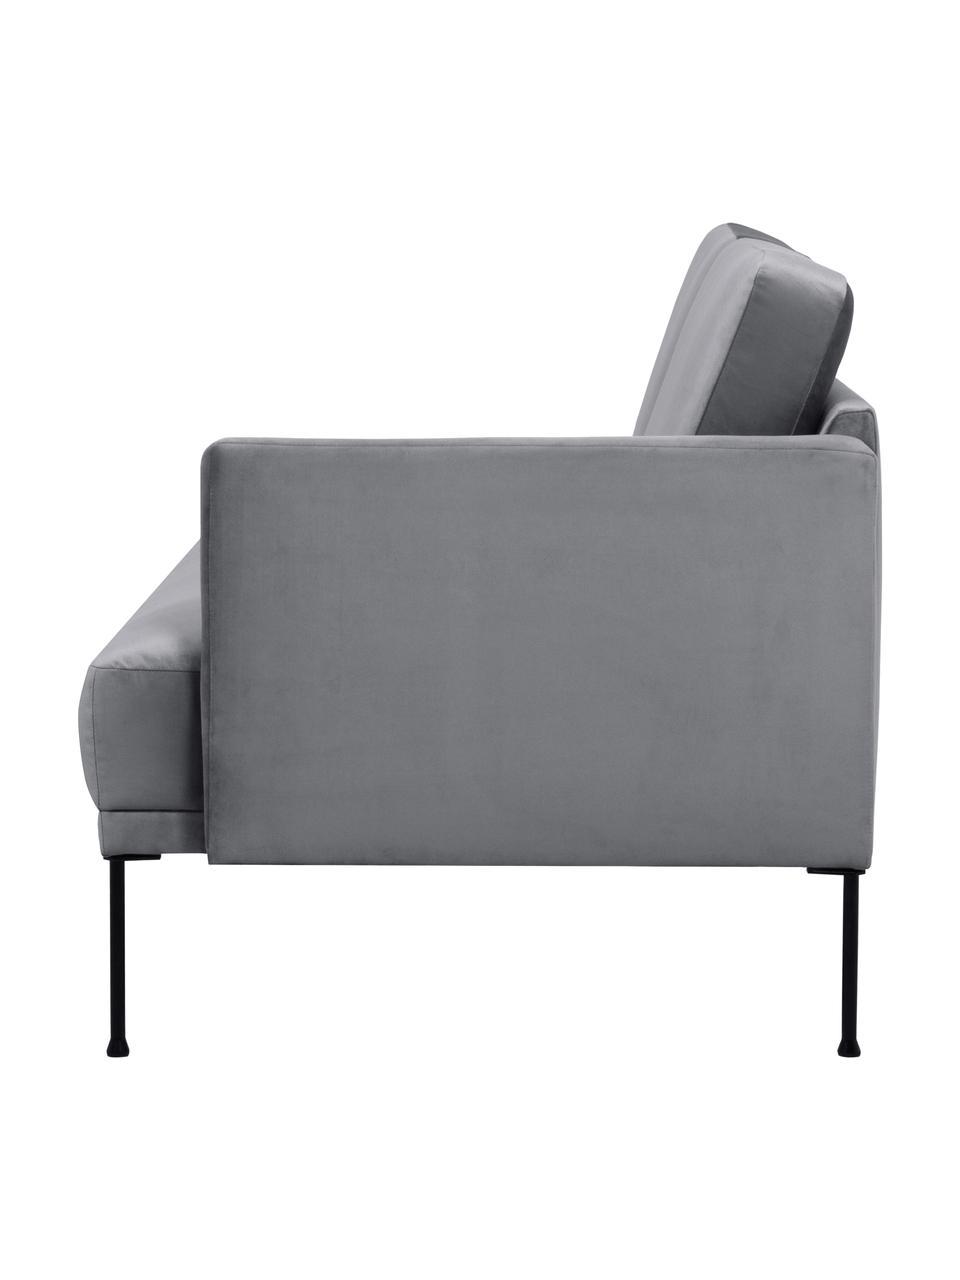 Fluwelen chaise longue Fluente in donkergrijs met metalen poten, Bekleding: fluweel (hoogwaardig poly, Frame: massief grenenhout, Poten: gepoedercoat metaal, Fluweel bruingrijs, B 202 x D 85 cm